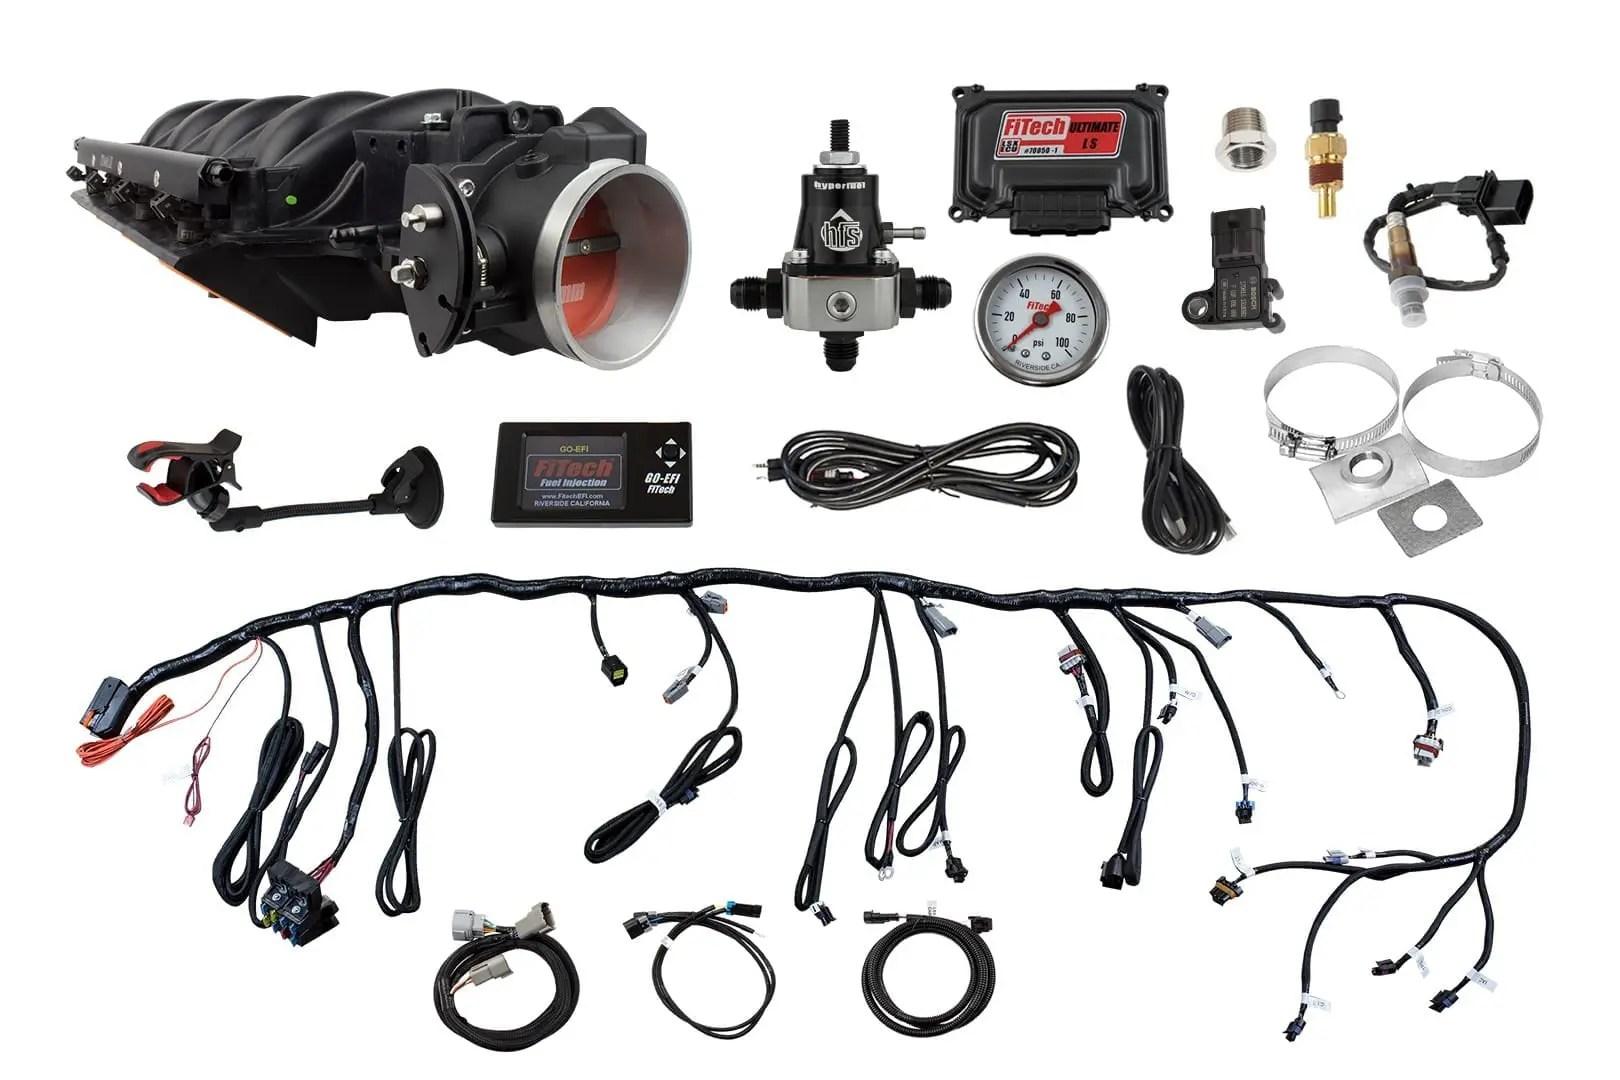 Ultimate Ls Torque Plus Composite 600hp Kit